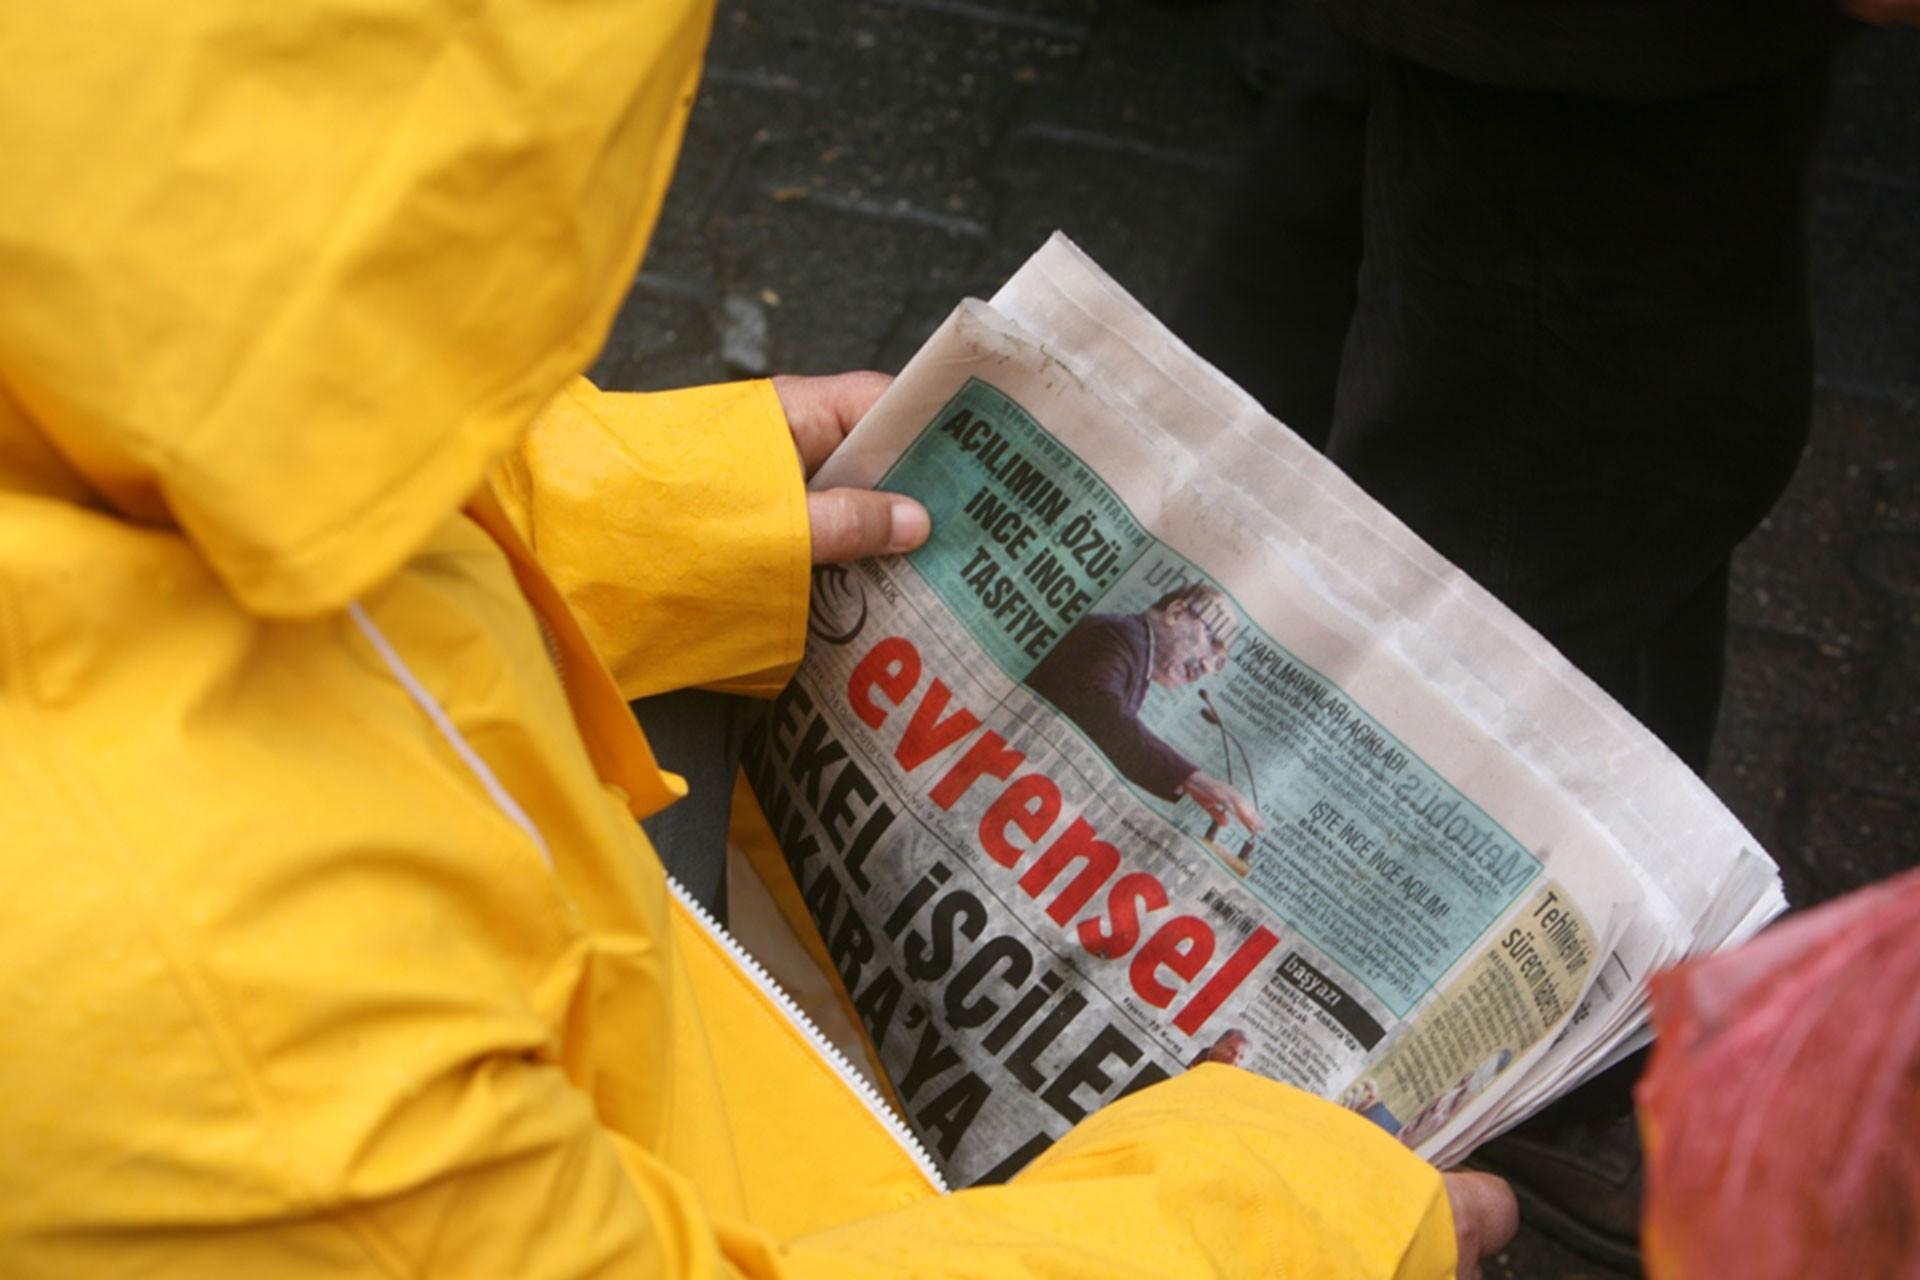 Evrensel gazetesi okuyan, sarı yağmurluk giymiş bir işçi